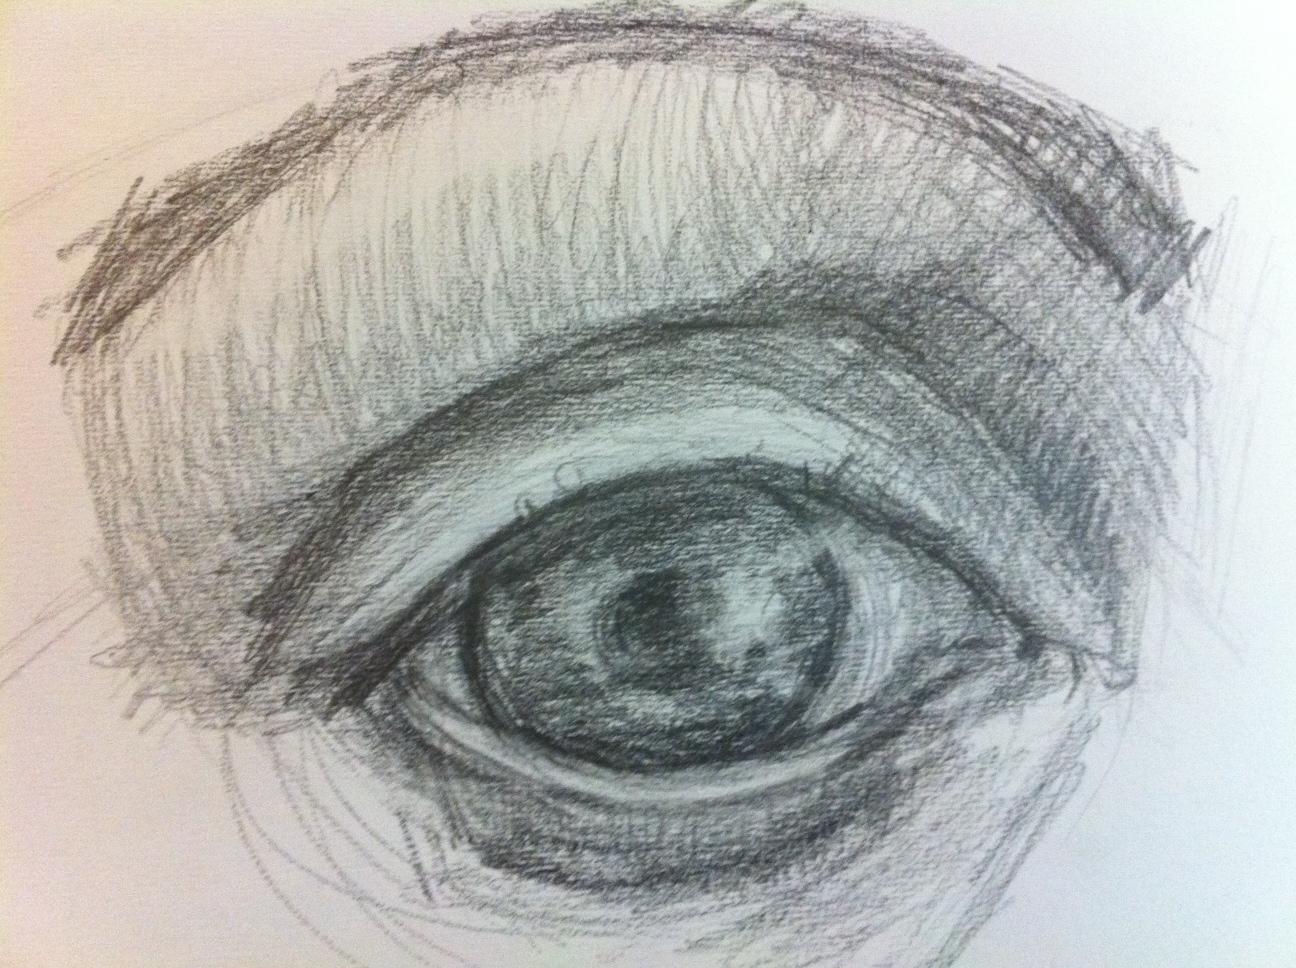 Contour Line Drawing Face : Portrait drawing my way: workshop 2 let's hatch!